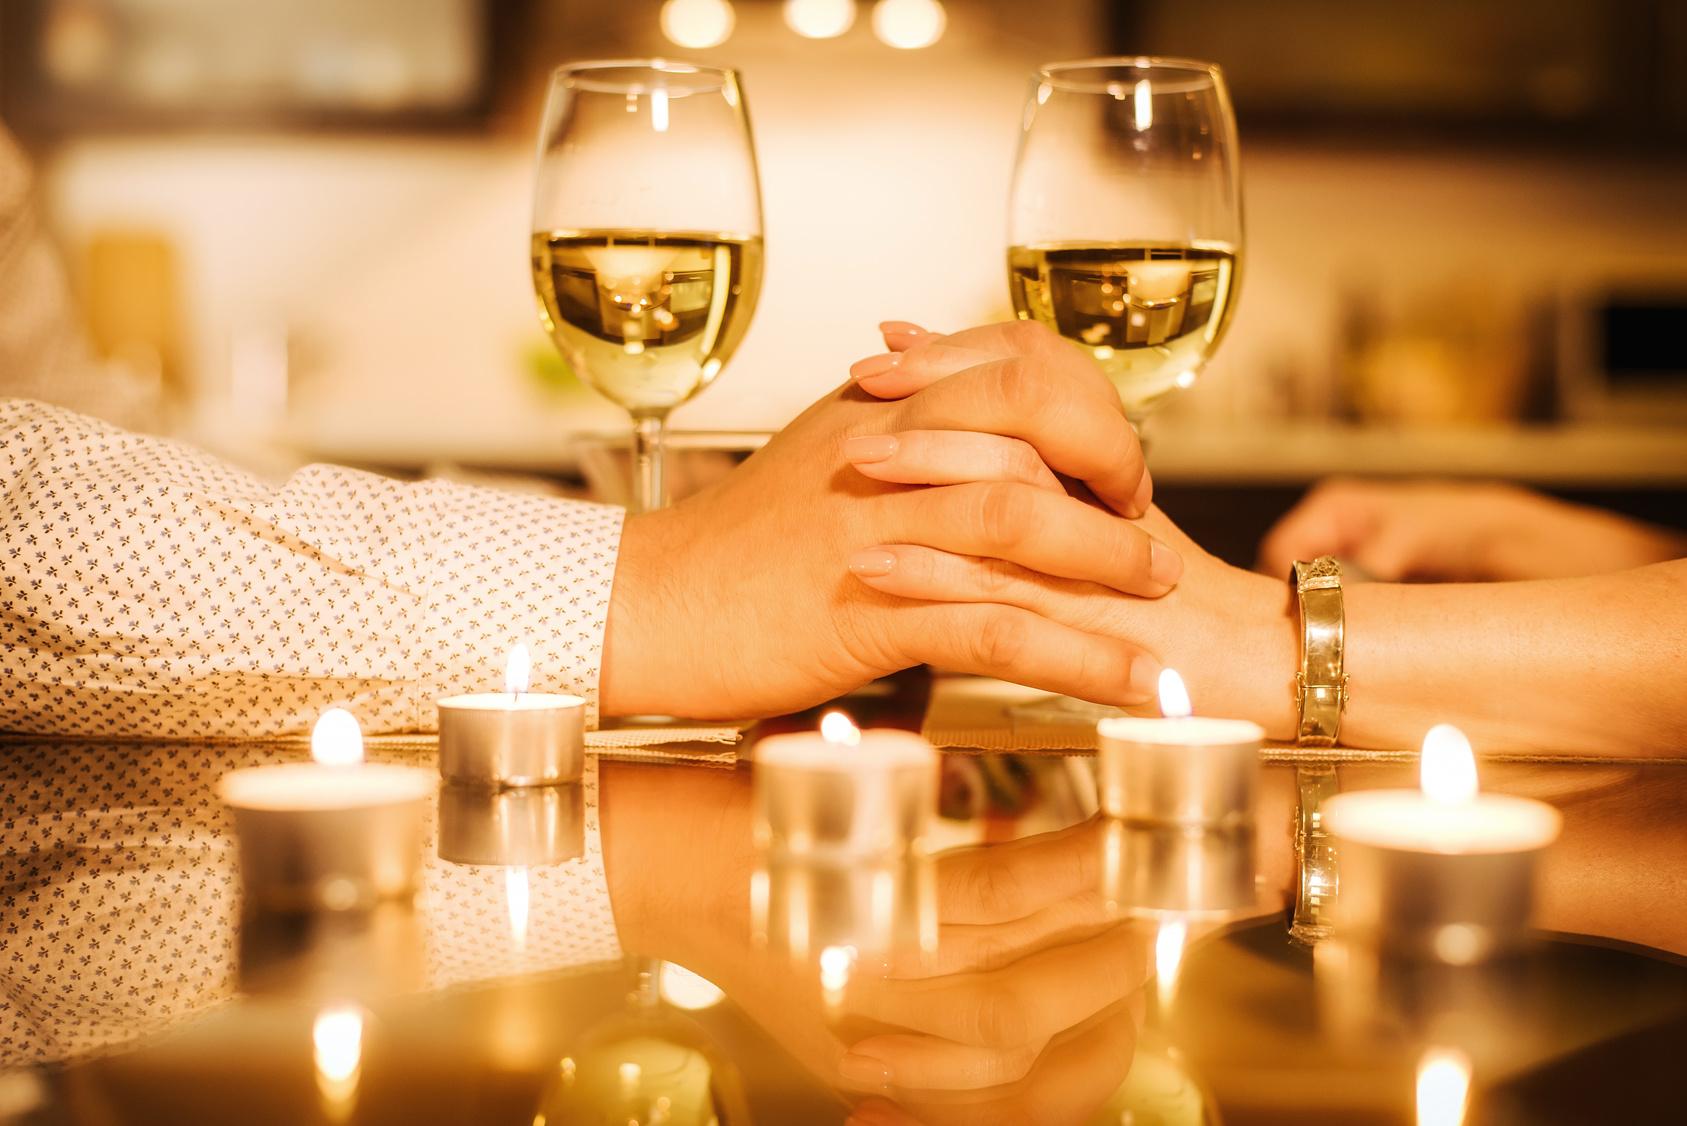 para pije wino i trzyma się za ręce podczas kolacji walntynkowej